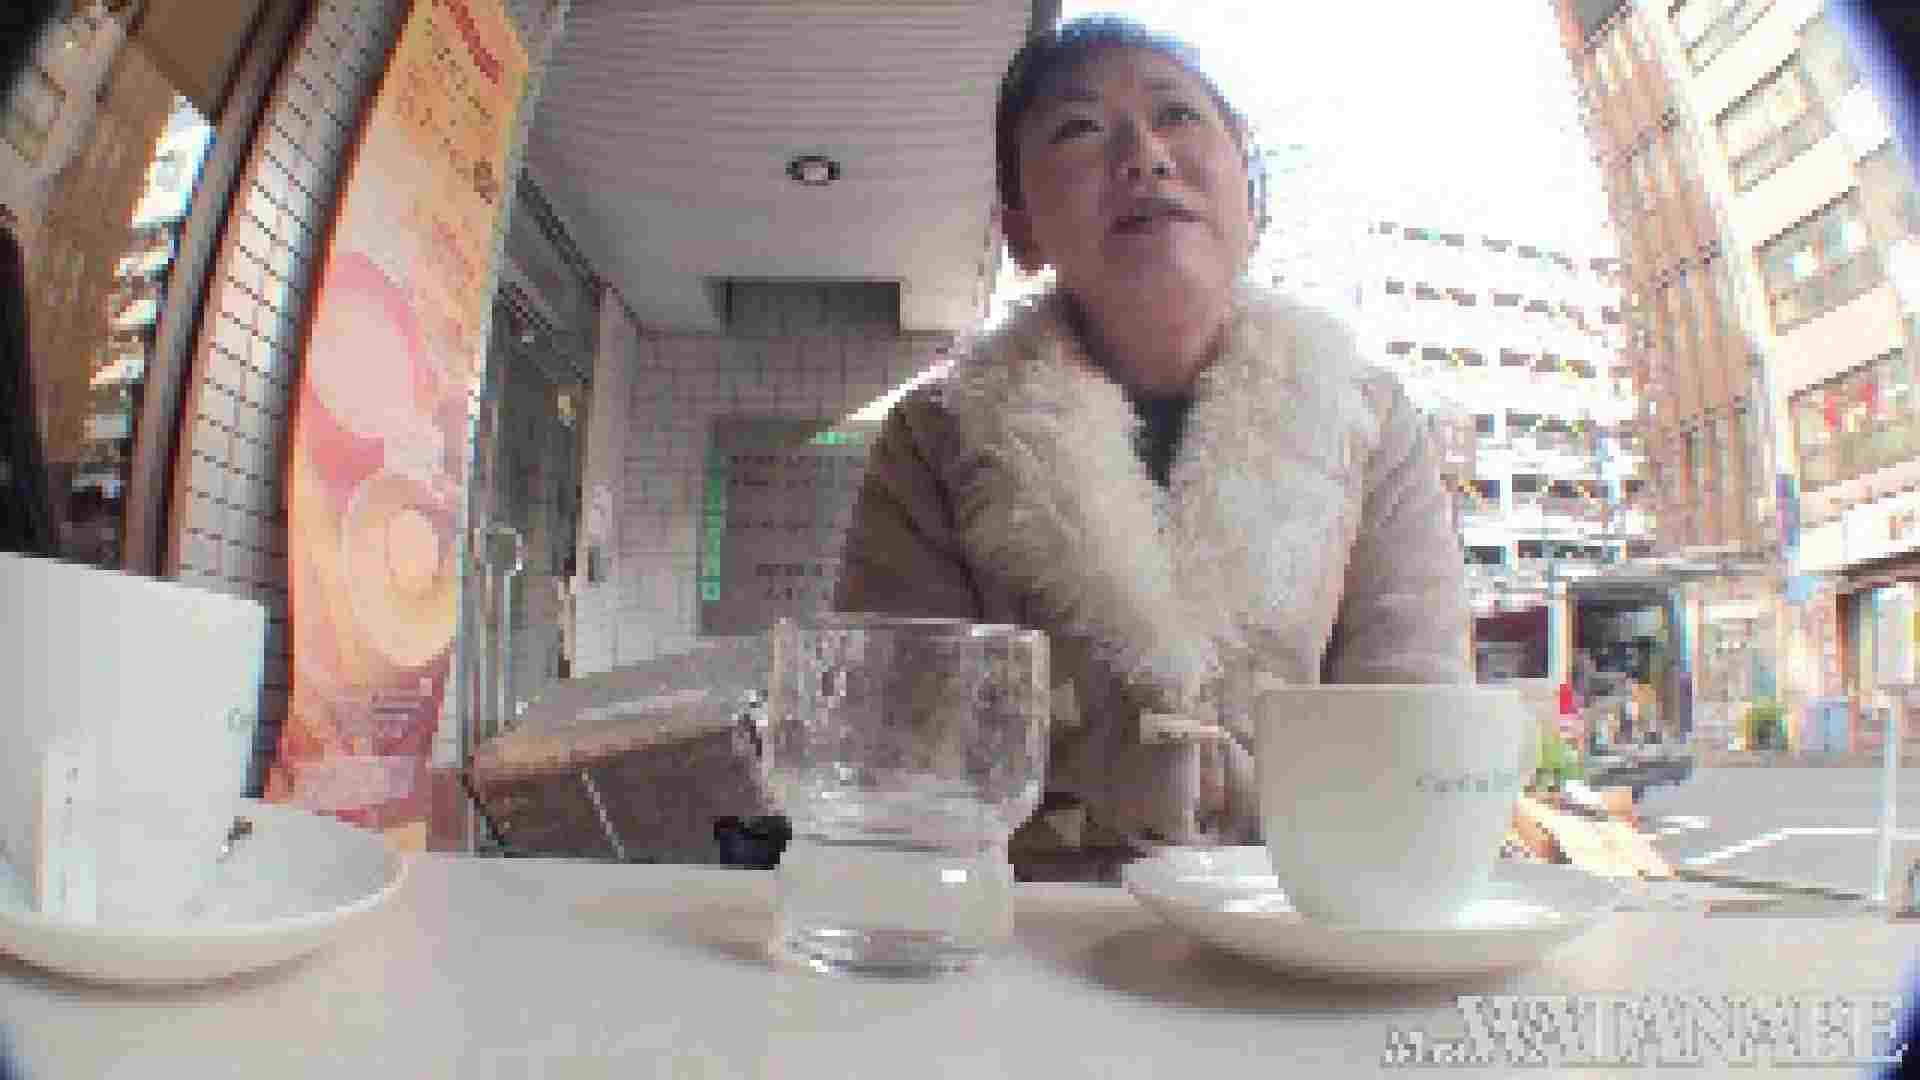 撮影スタッフを誘惑する痴熟女 かおり40歳 Vol.01 素人丸裸 戯れ無修正画像 105pic 89